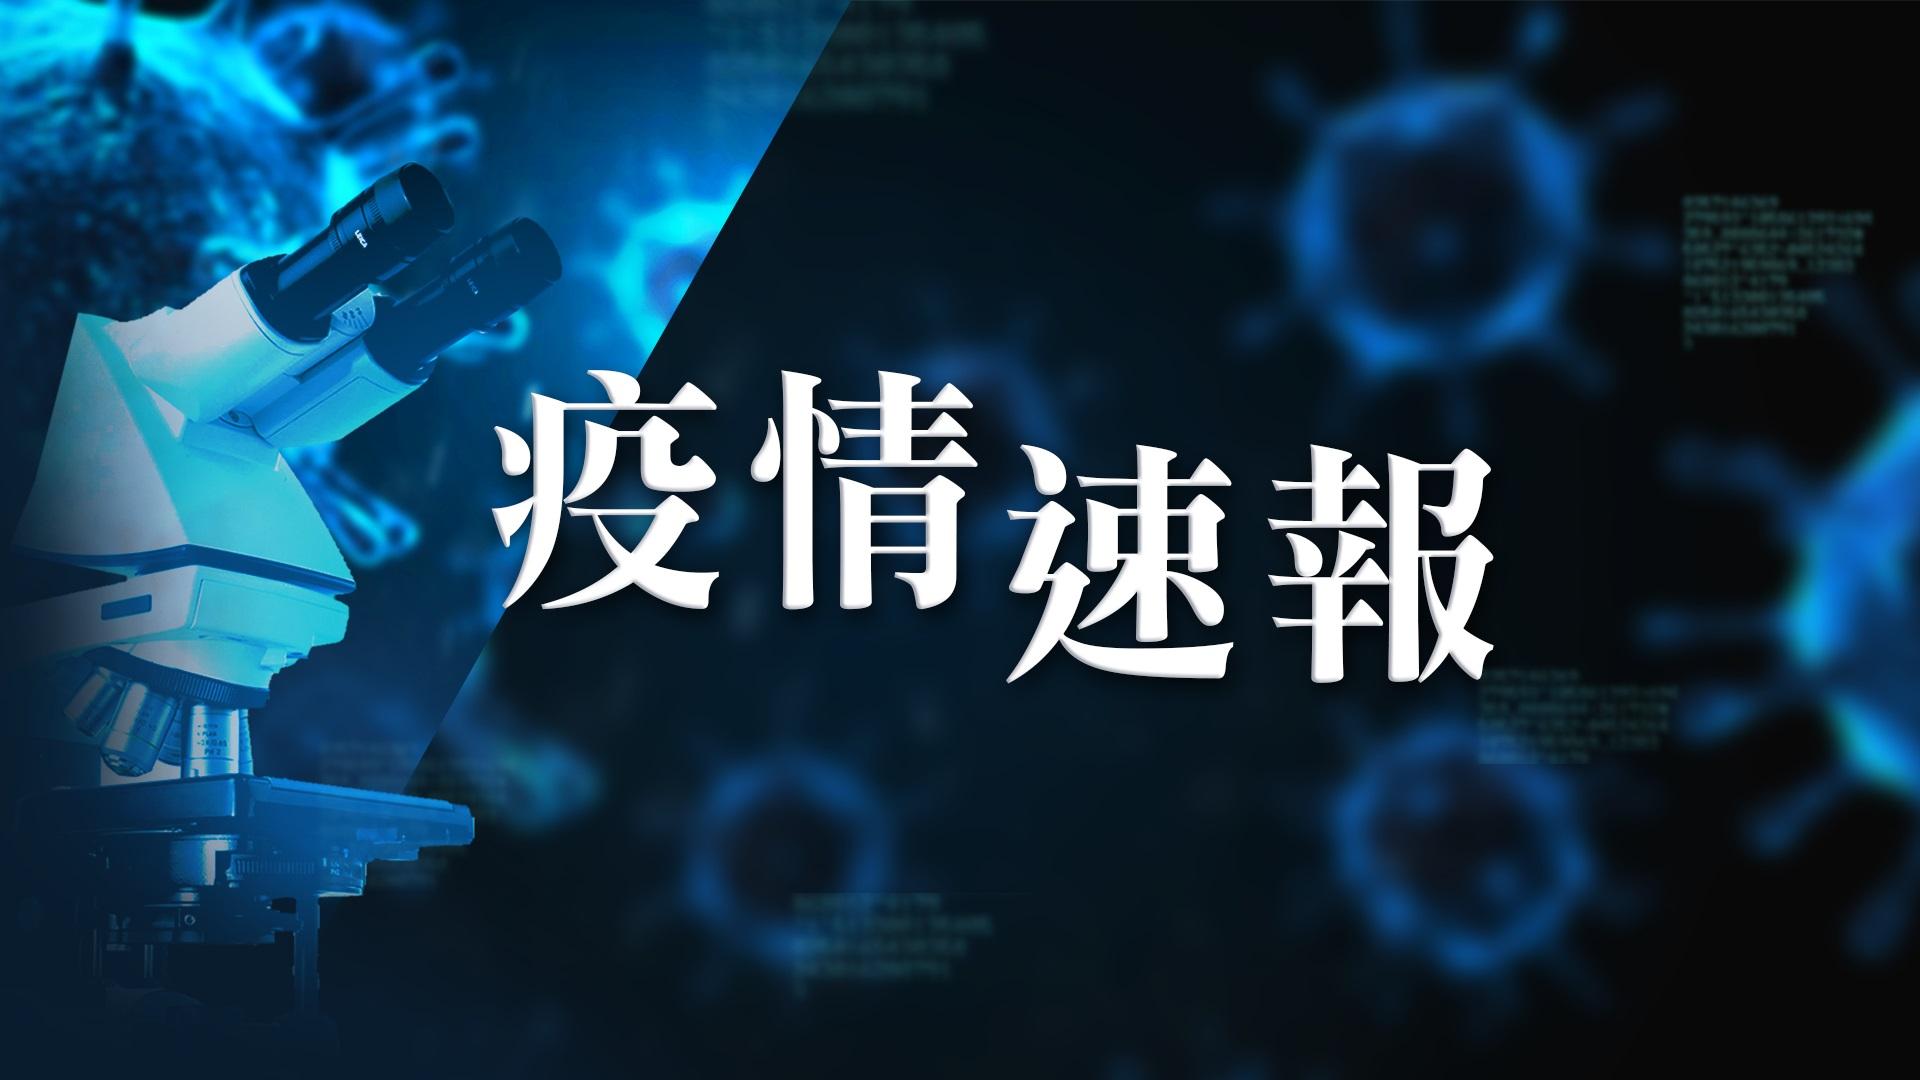 【3月26日疫情速報】(22:50)